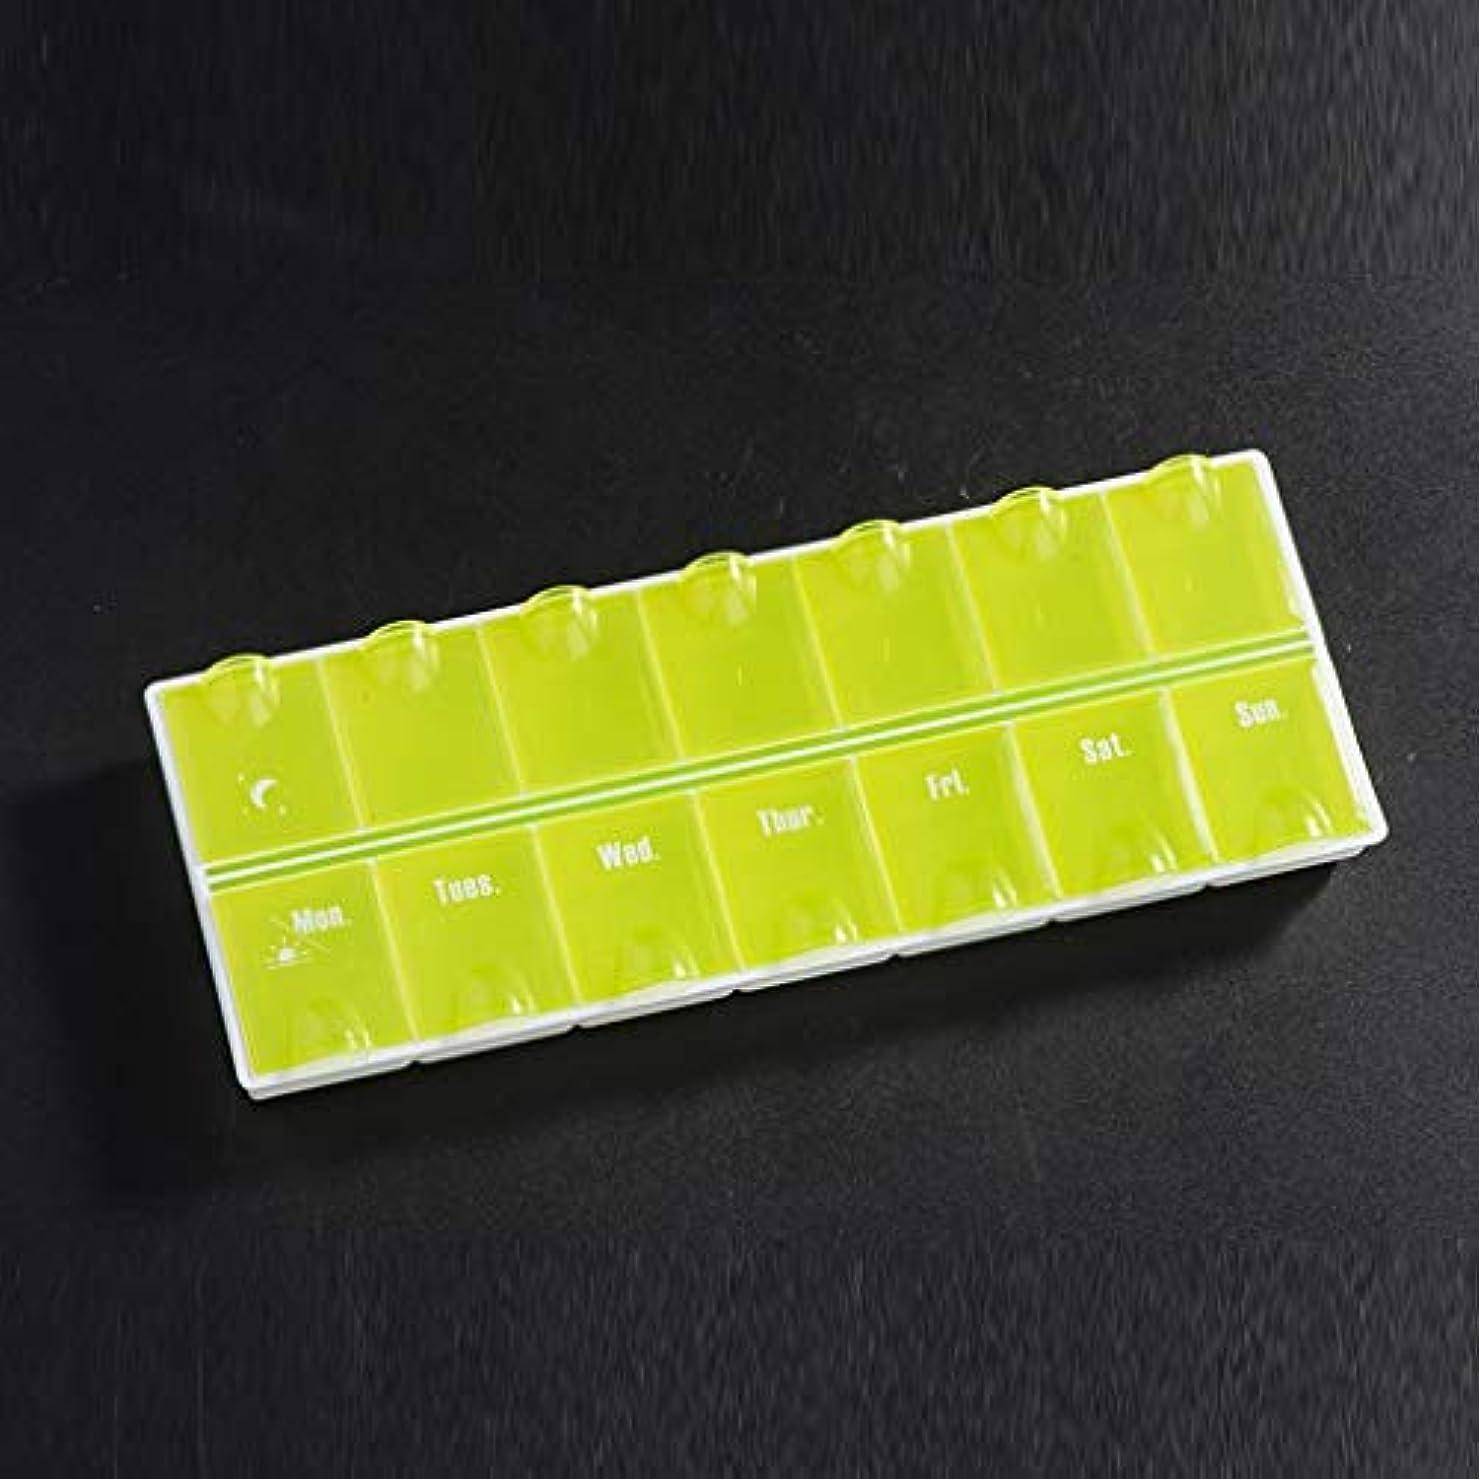 ラフ頑丈渦家庭用薬毎週薬箱大容量を毎日7日間調剤朝、中、晩、28、家庭薬保管箱 薬箱 (Color : Green, Size : 21.5cm×8.1cm×2.1cm)